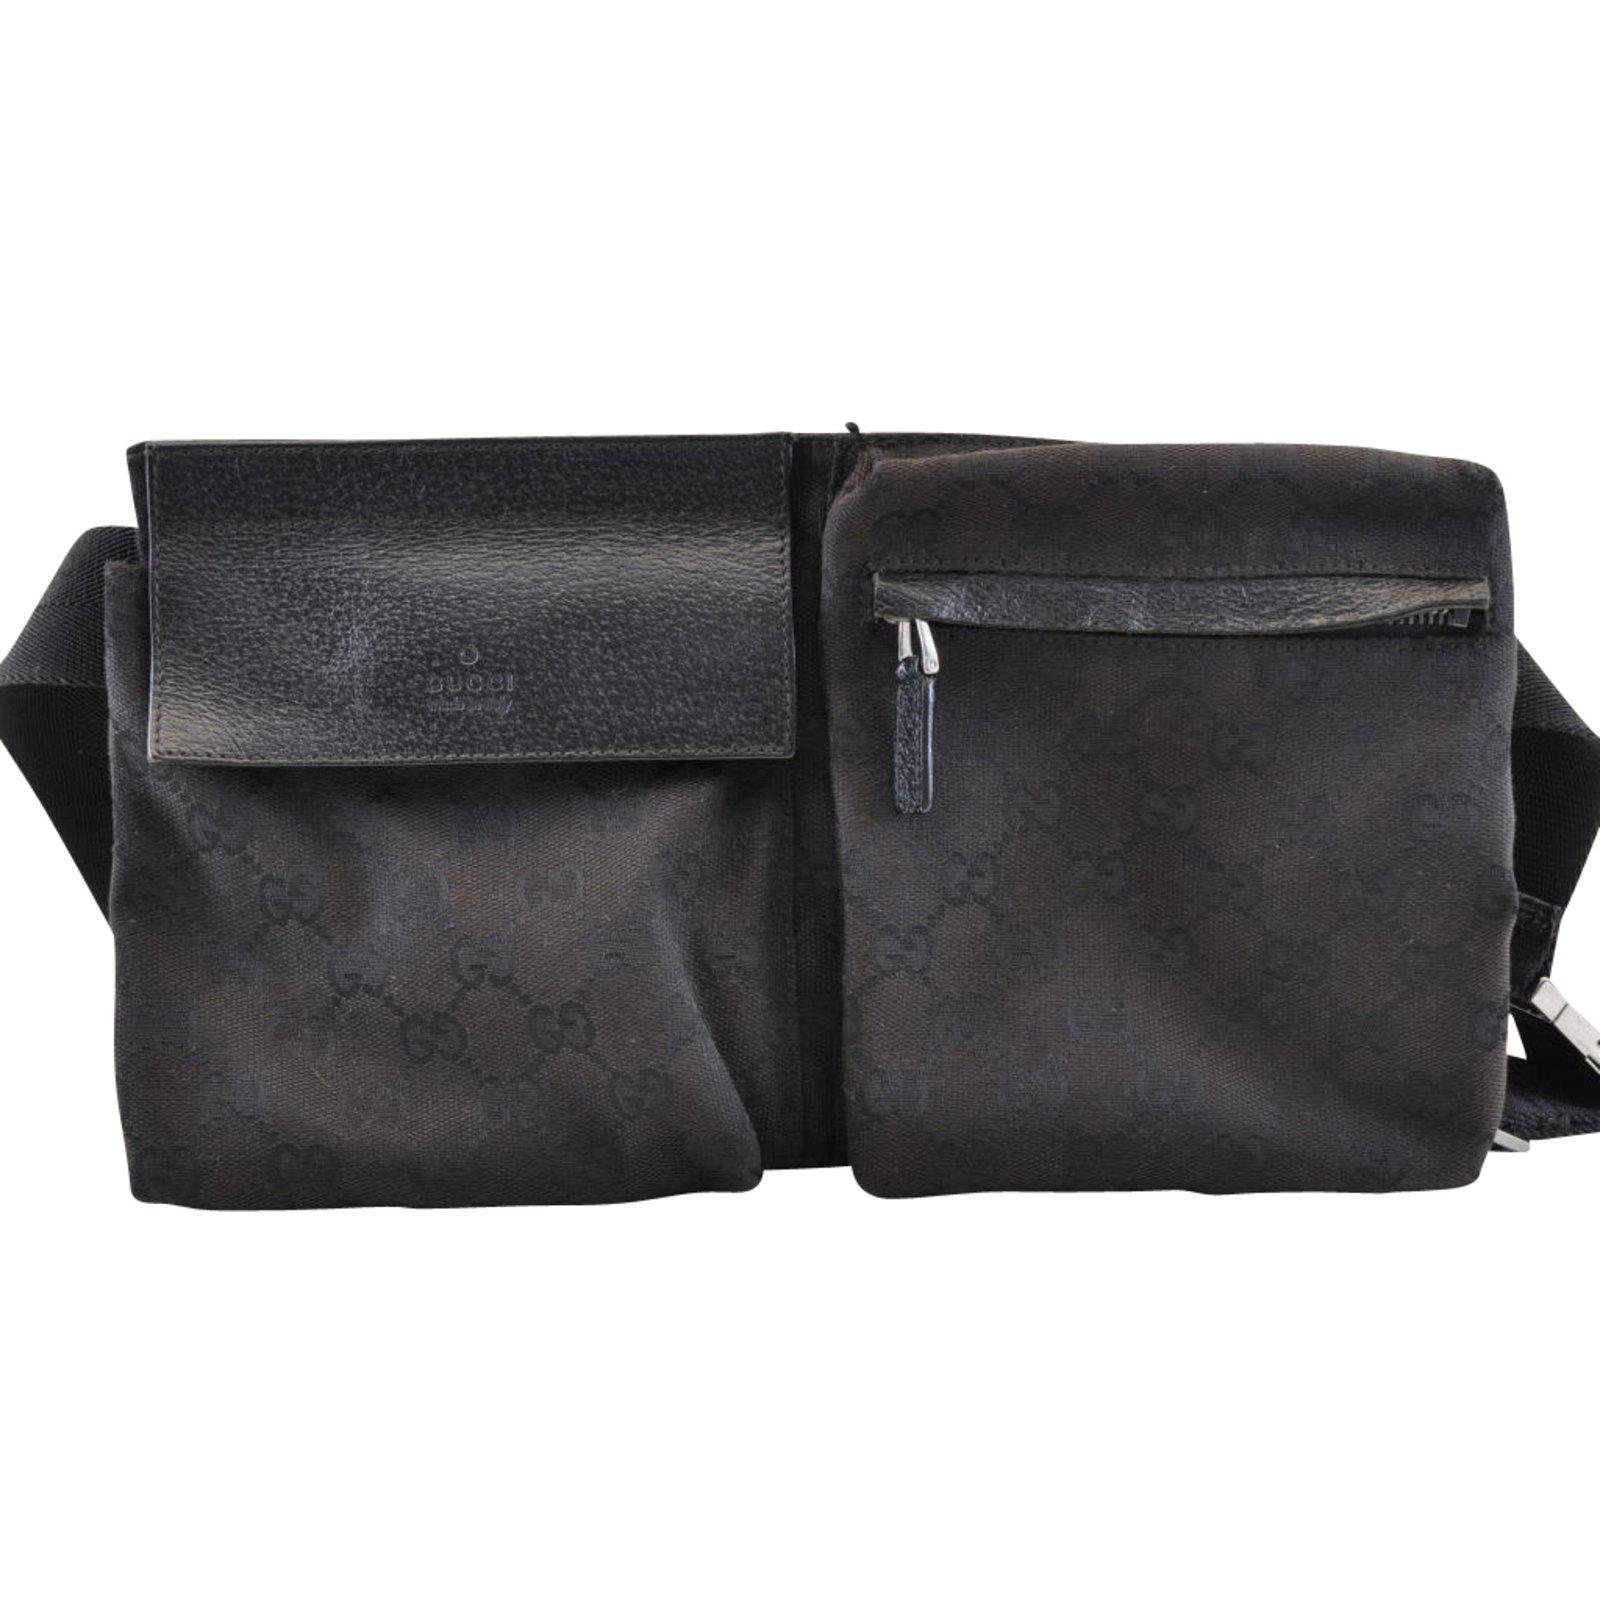 a26c6bbc5088 Gucci Waist bag Handbags Cloth Black ref.104343 - Joli Closet